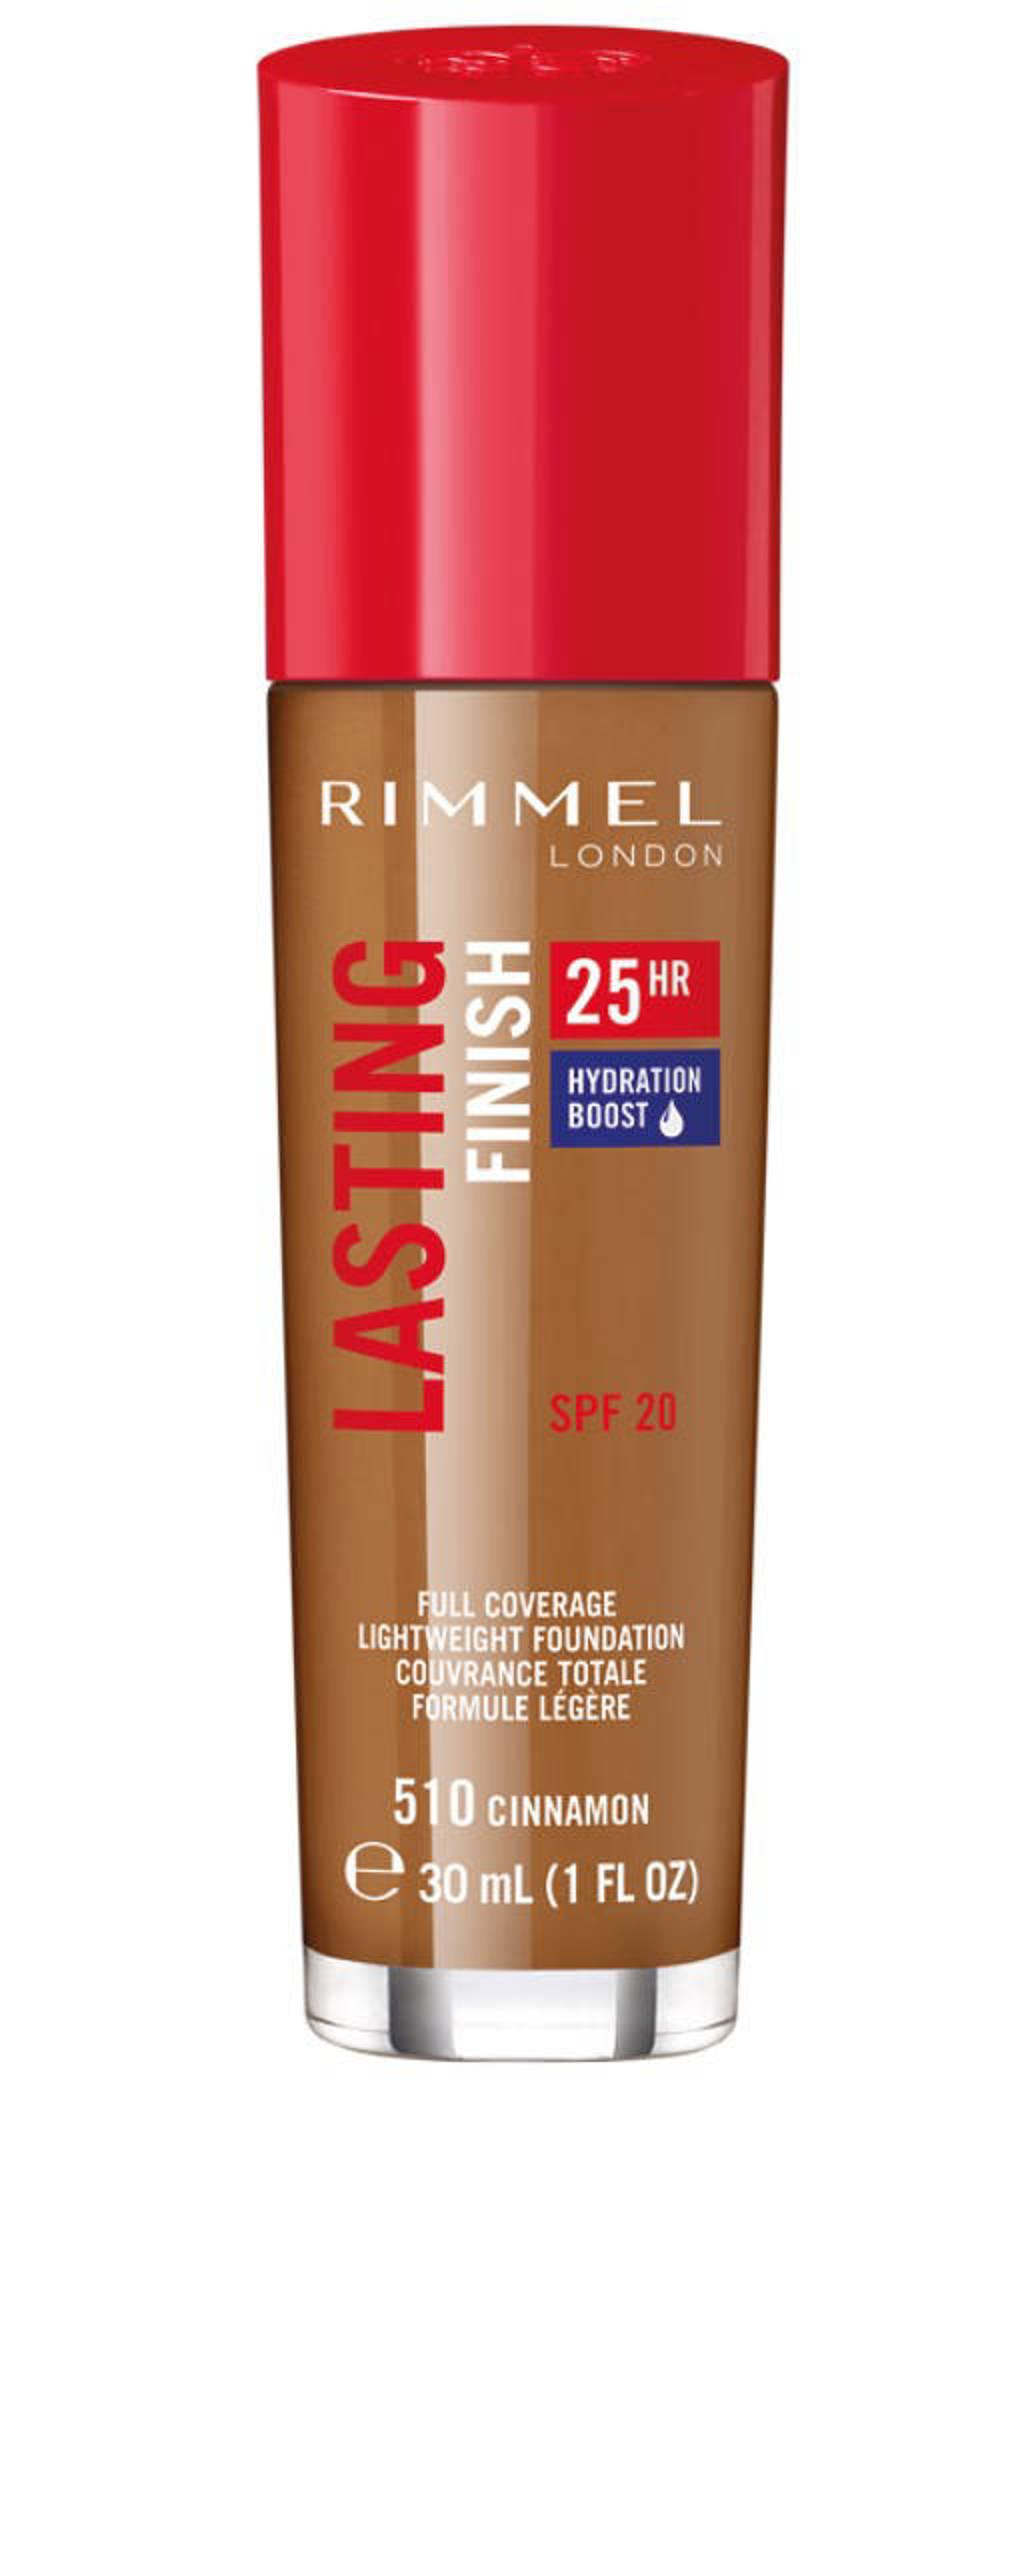 Rimmel London Lasting Finish Foundation - 510 Cinnamon